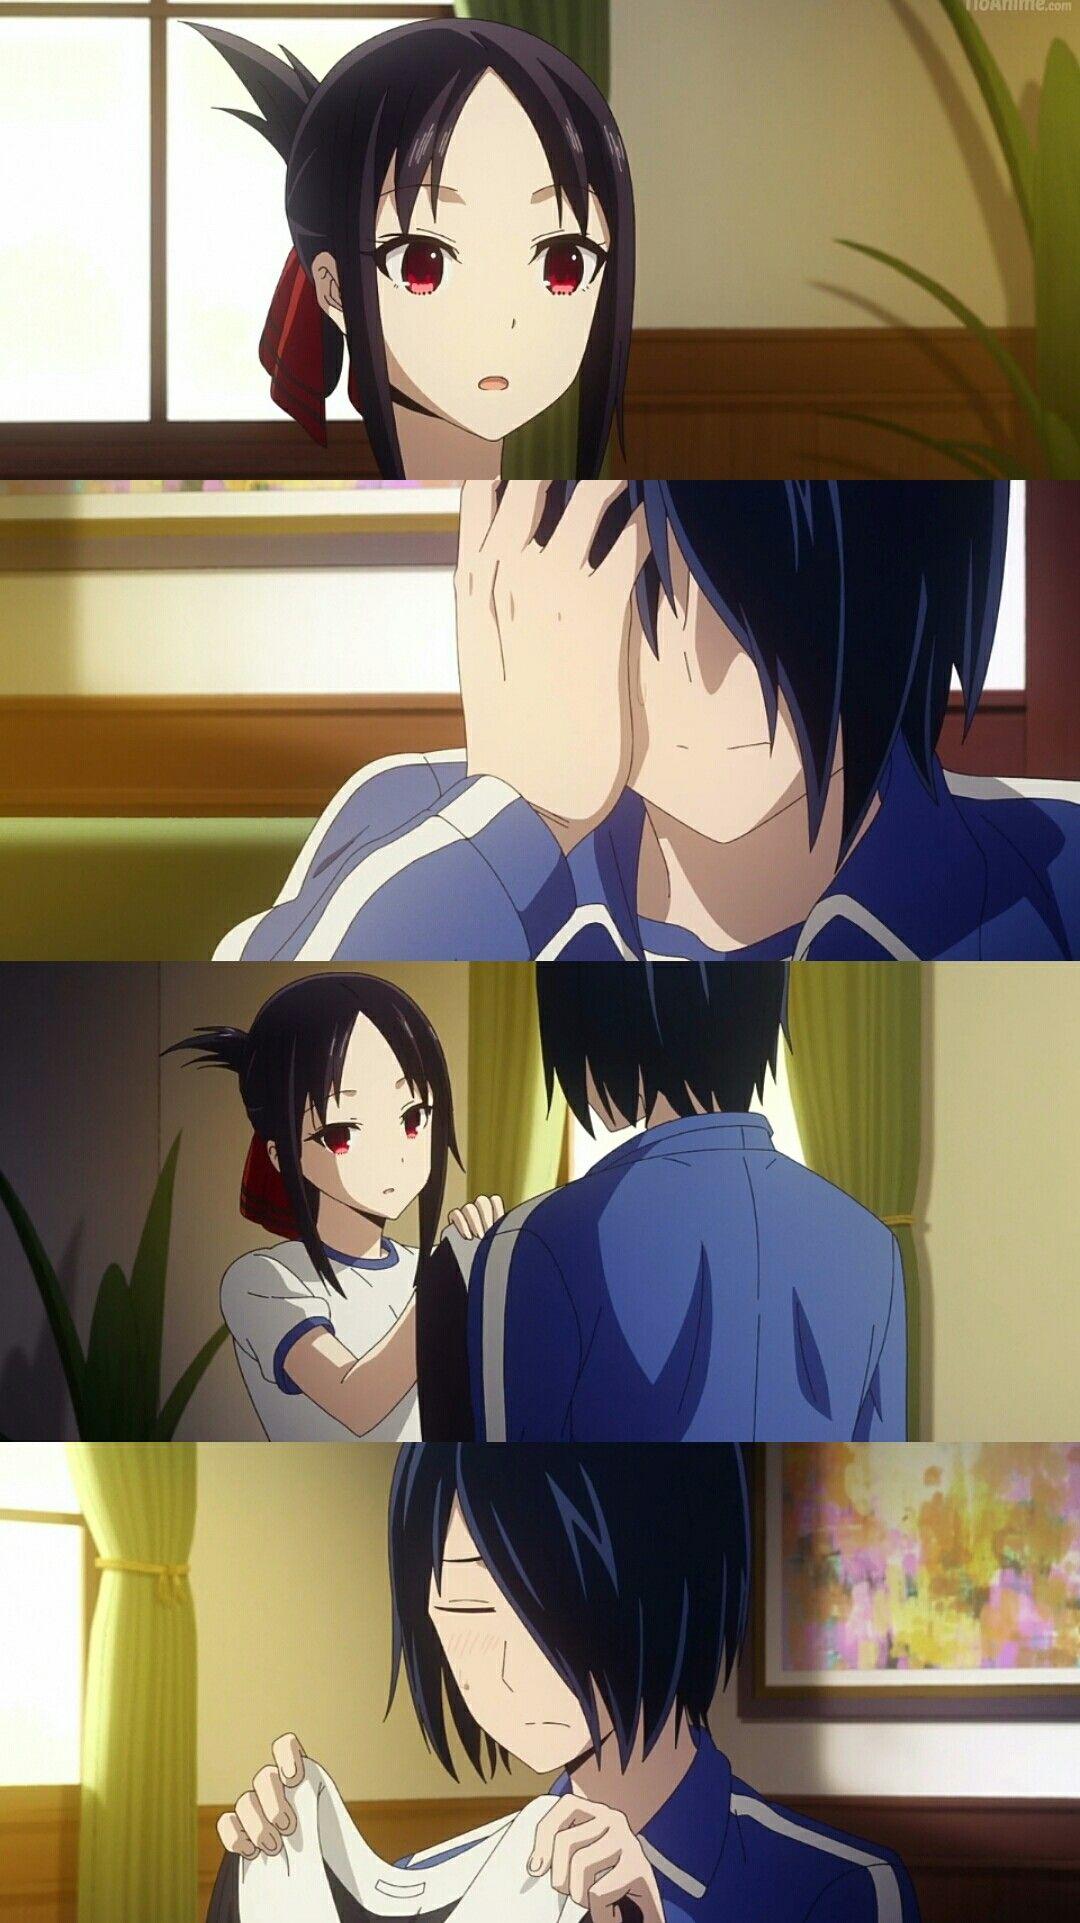 「Kaguyasama Love is War 2nd Season」おしゃれまとめの人気アイデア